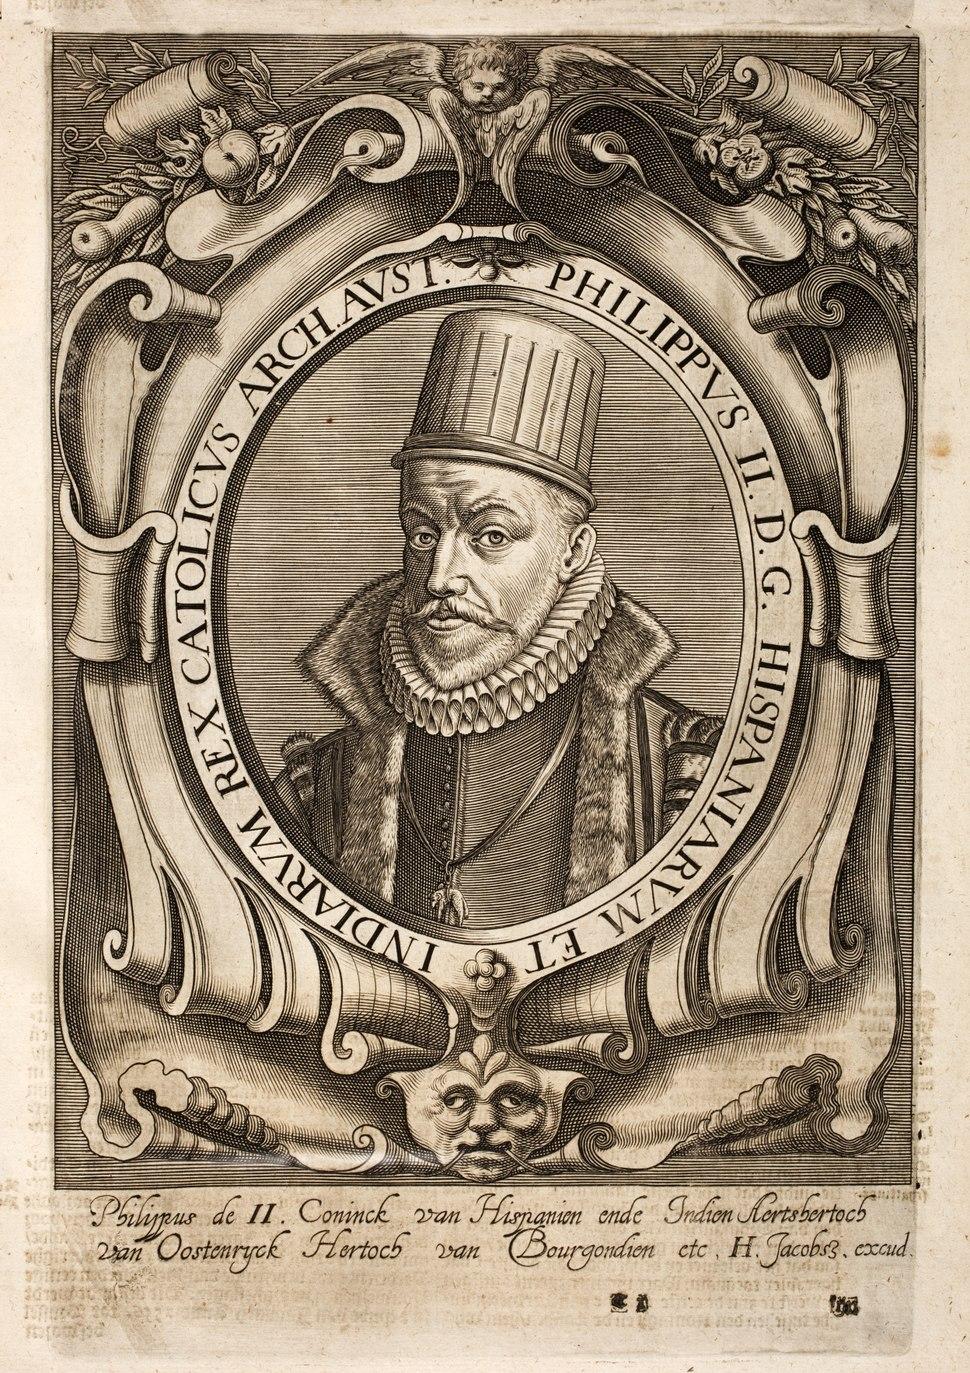 Emanuel van Meteren Historie ppn 051504510 MG 8667 Philipppus II